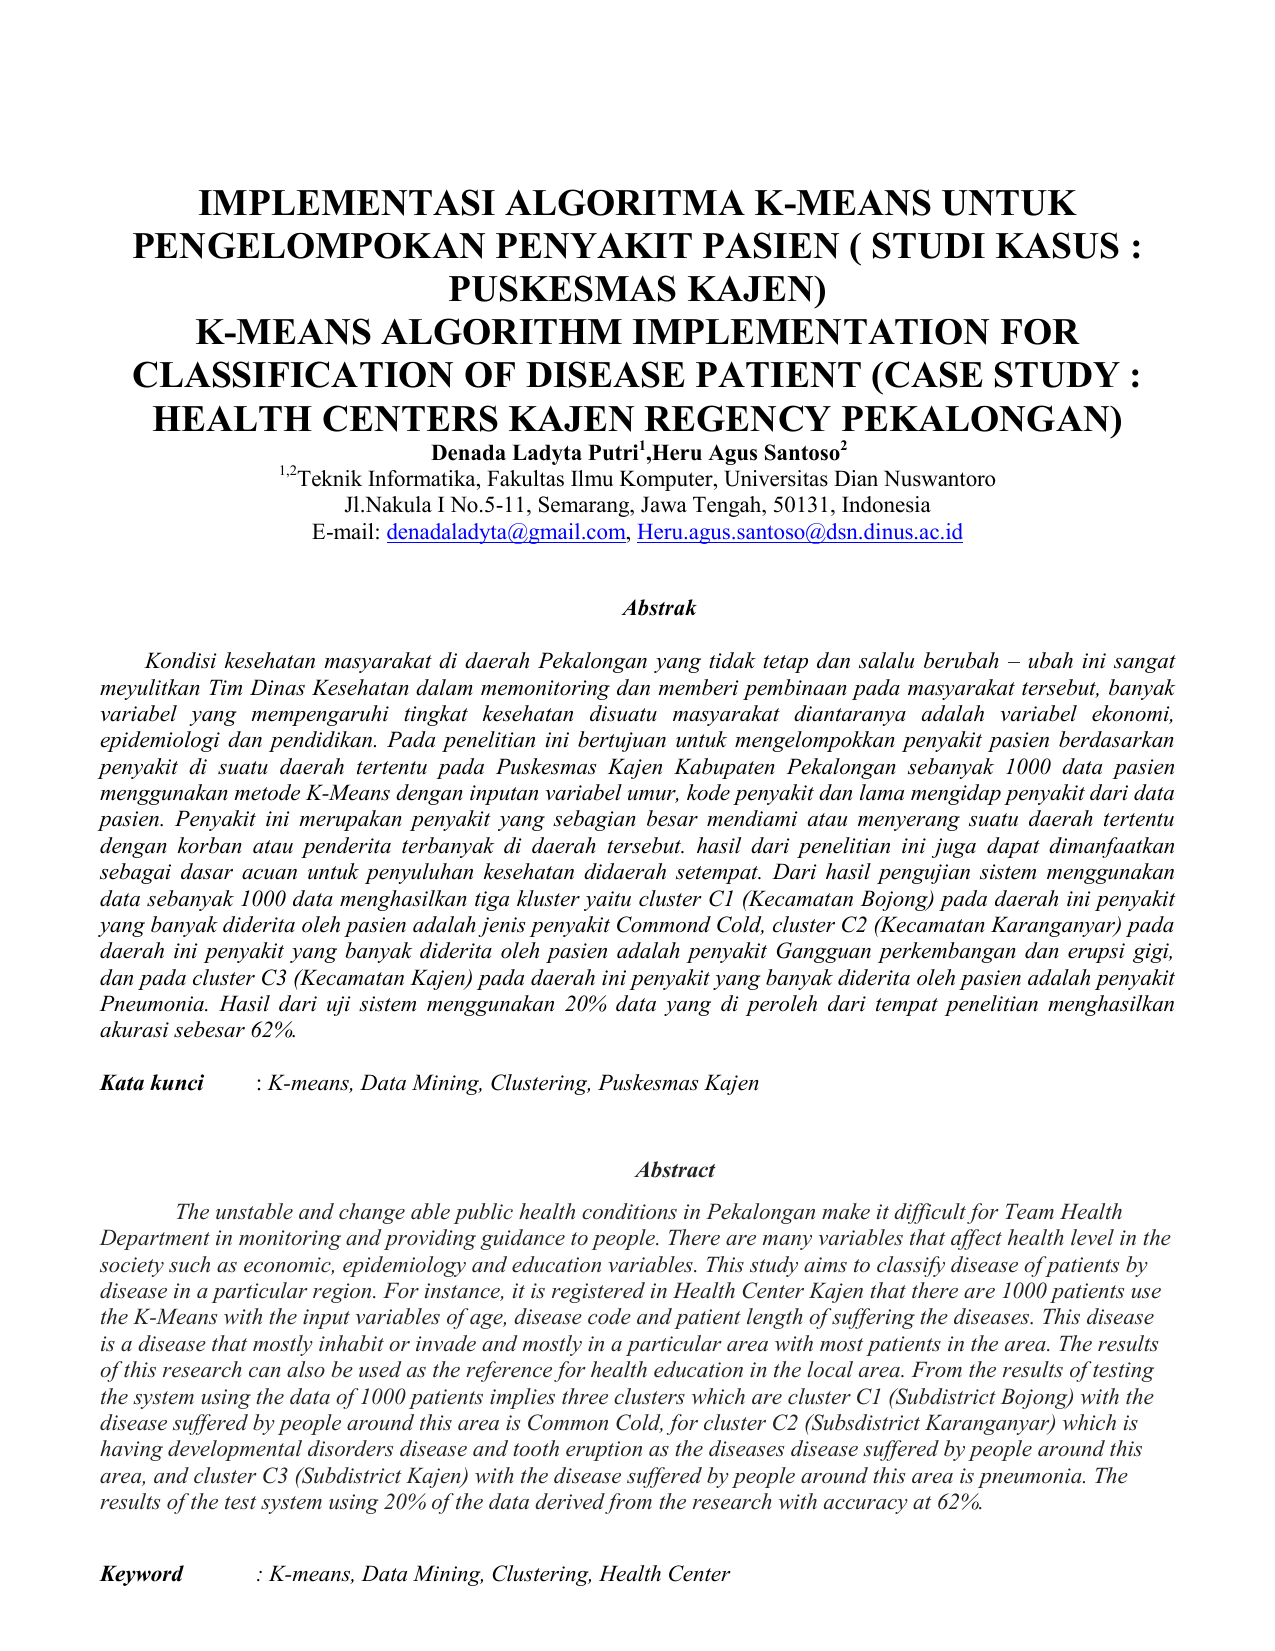 Implementasi Algoritma K Means Untuk Pengelompokan Penyakit